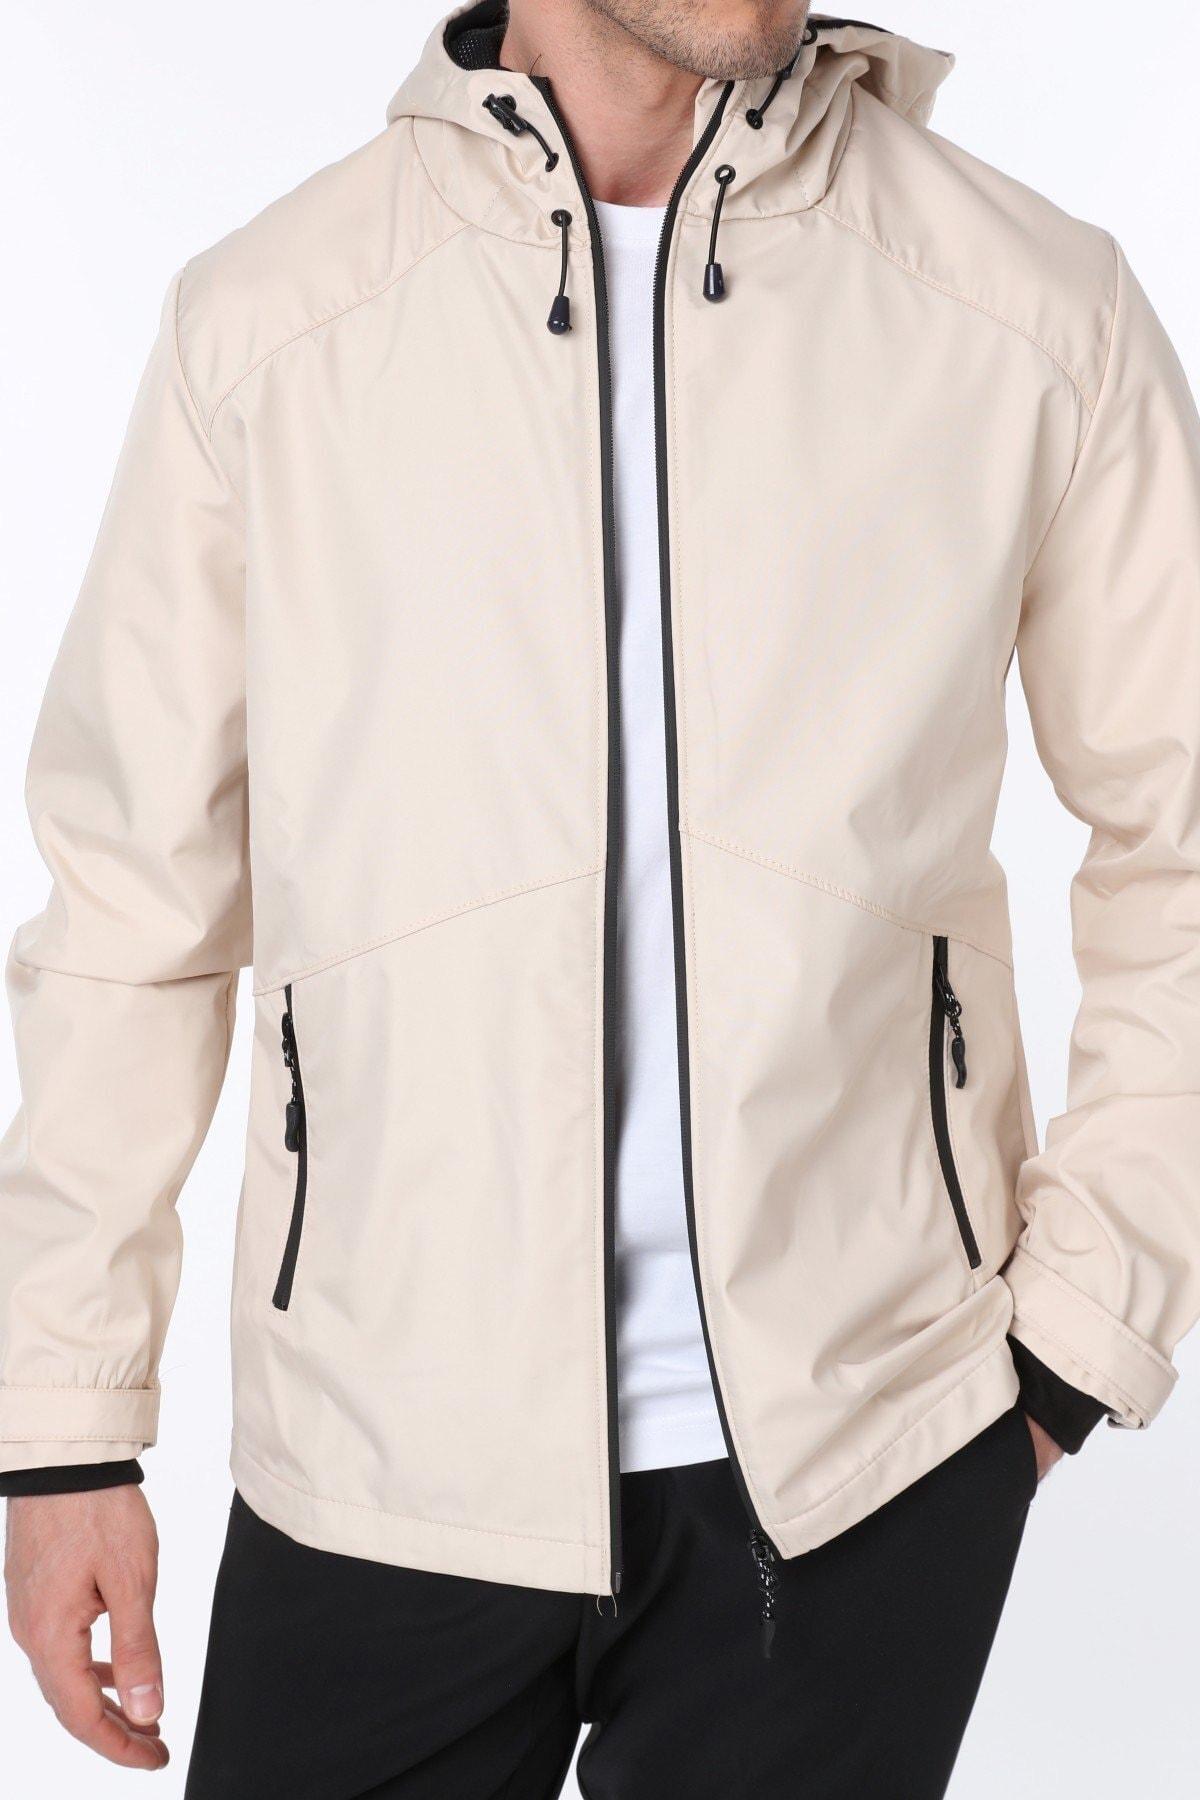 Erkek Taş Rüzgarlık/Yağmurluk Outdoor Omuz Detaylı Mevsimlik Spor Ceket